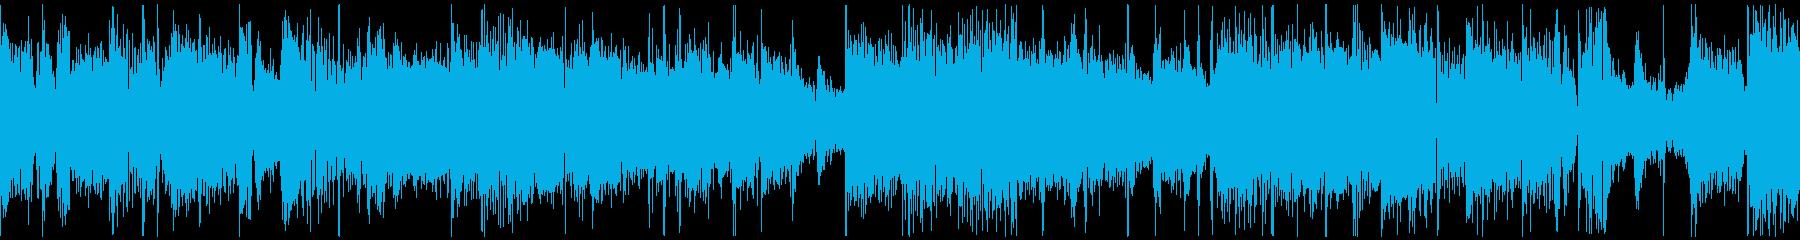 ループ仕様グリッチトロニカの再生済みの波形